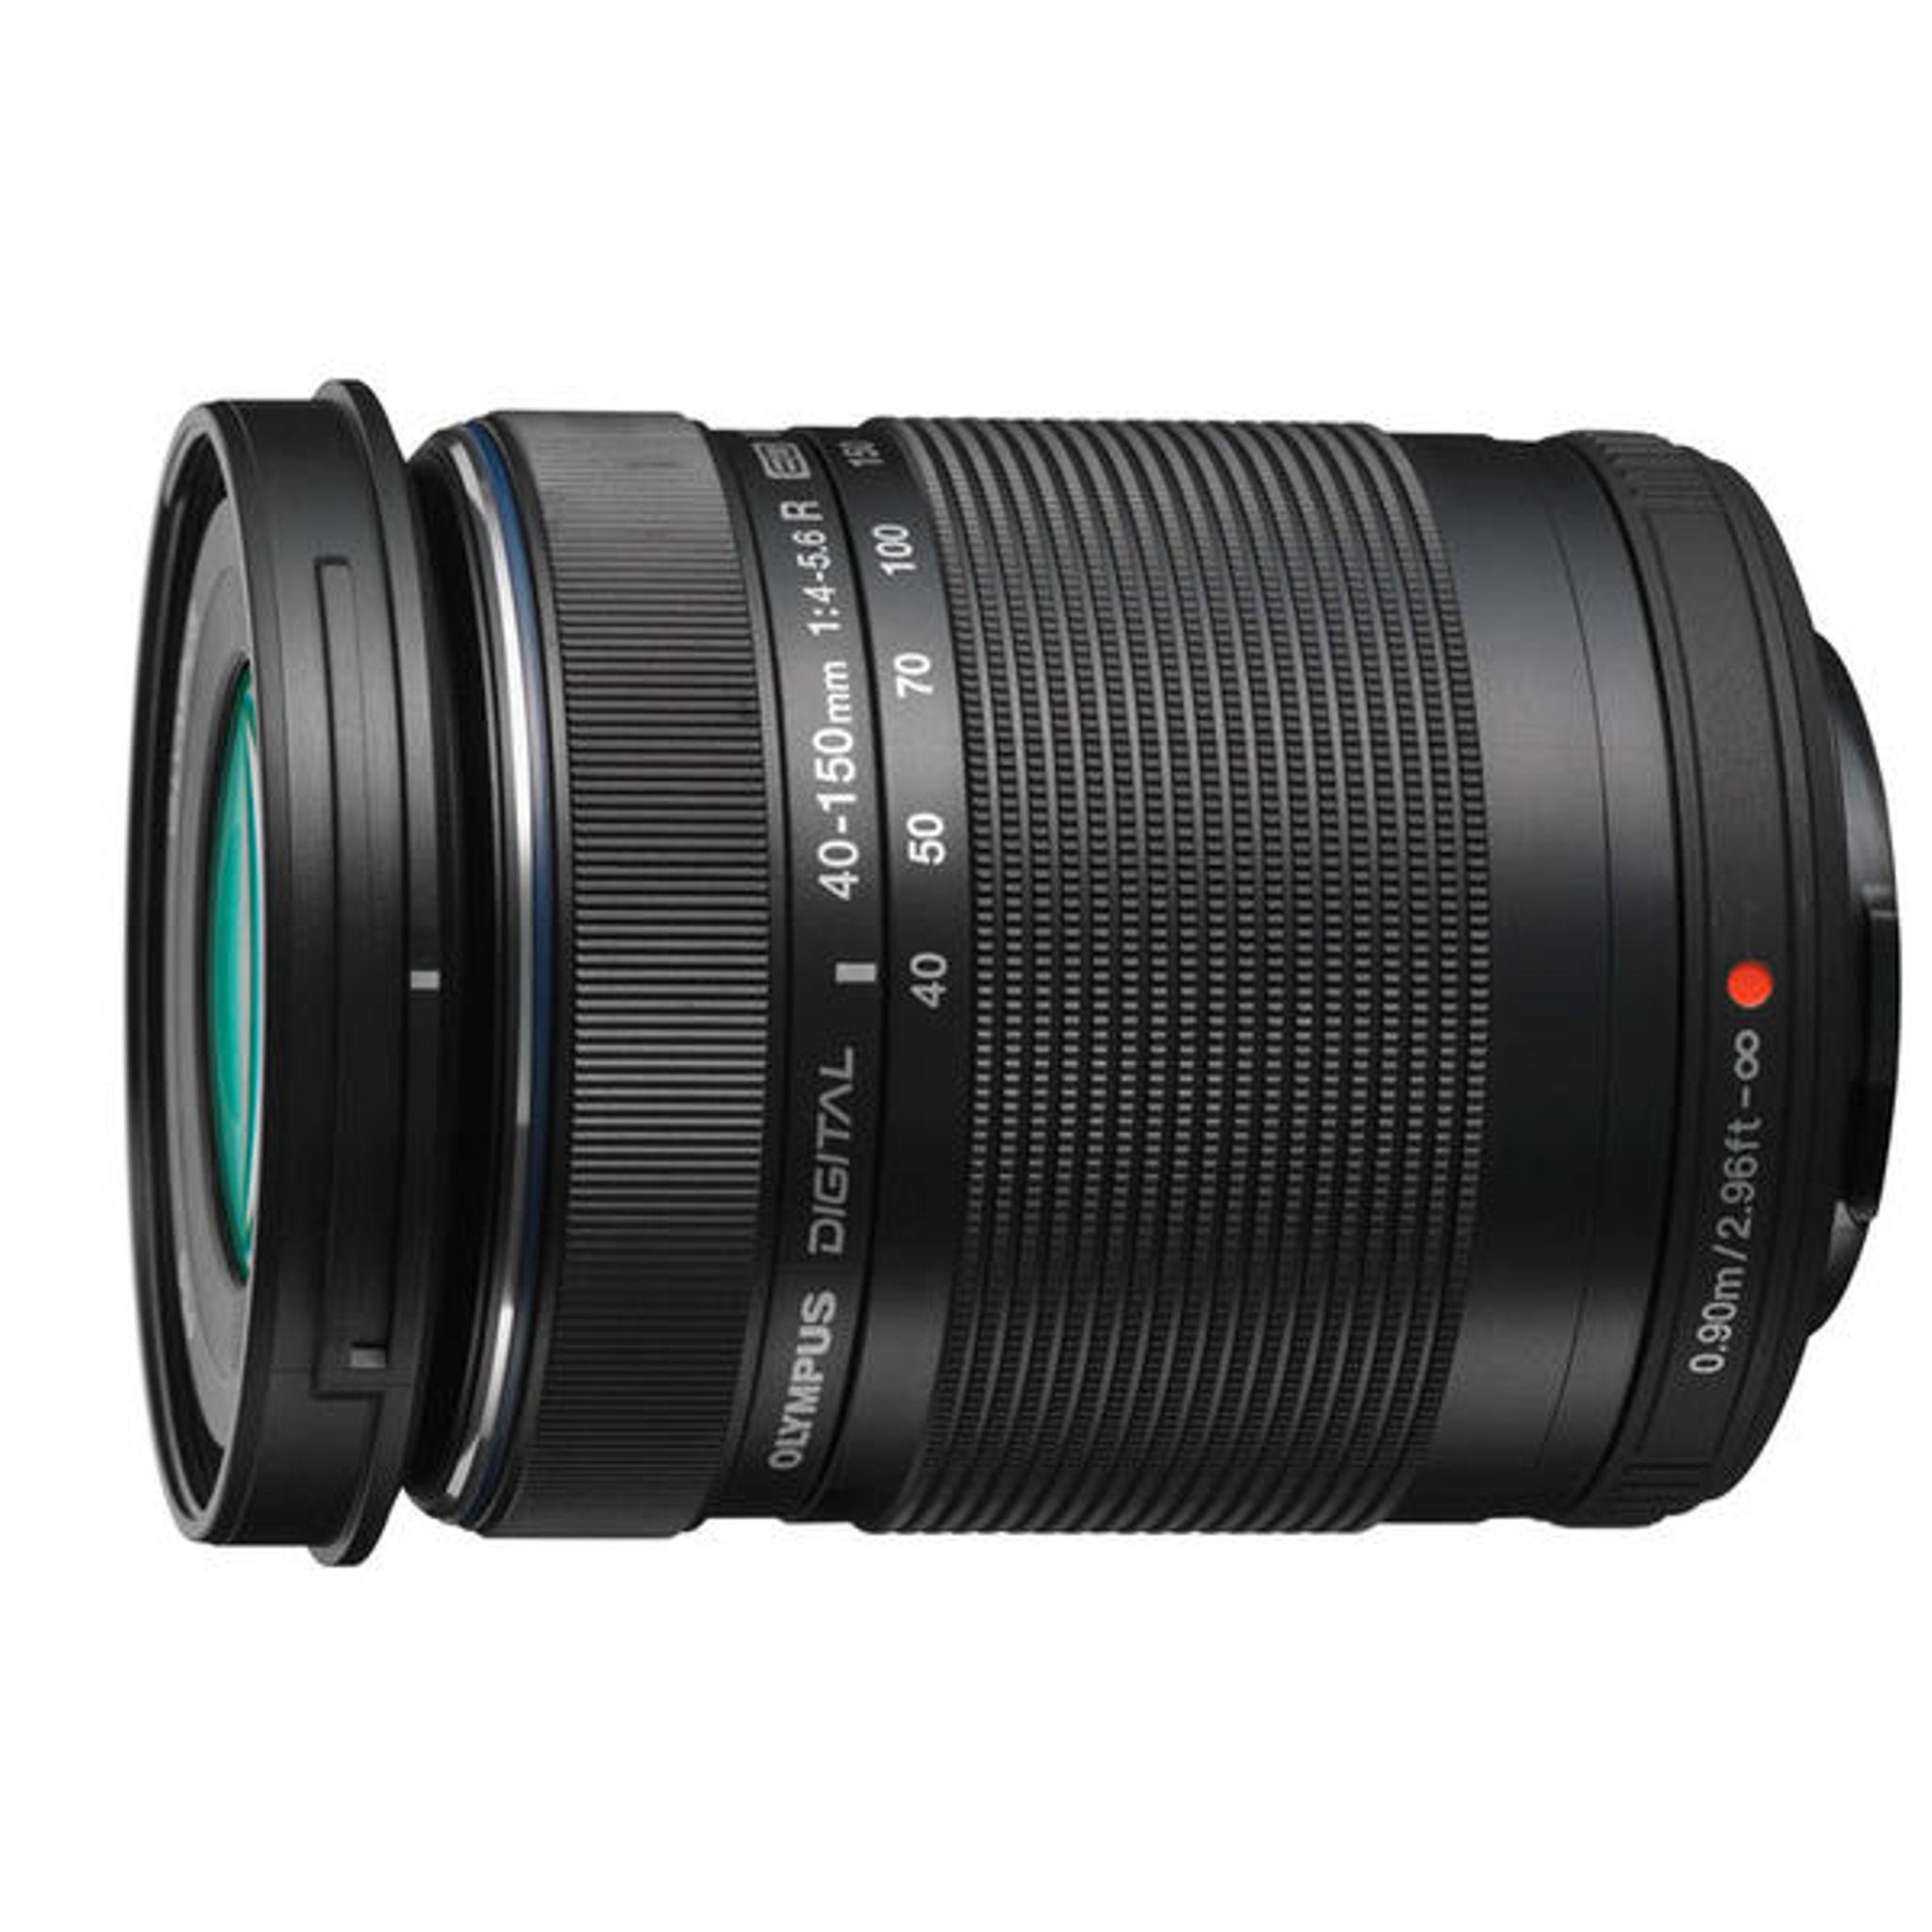 Olympus ED MSC R 40-150mm f/4-5,6 - DEMO EX